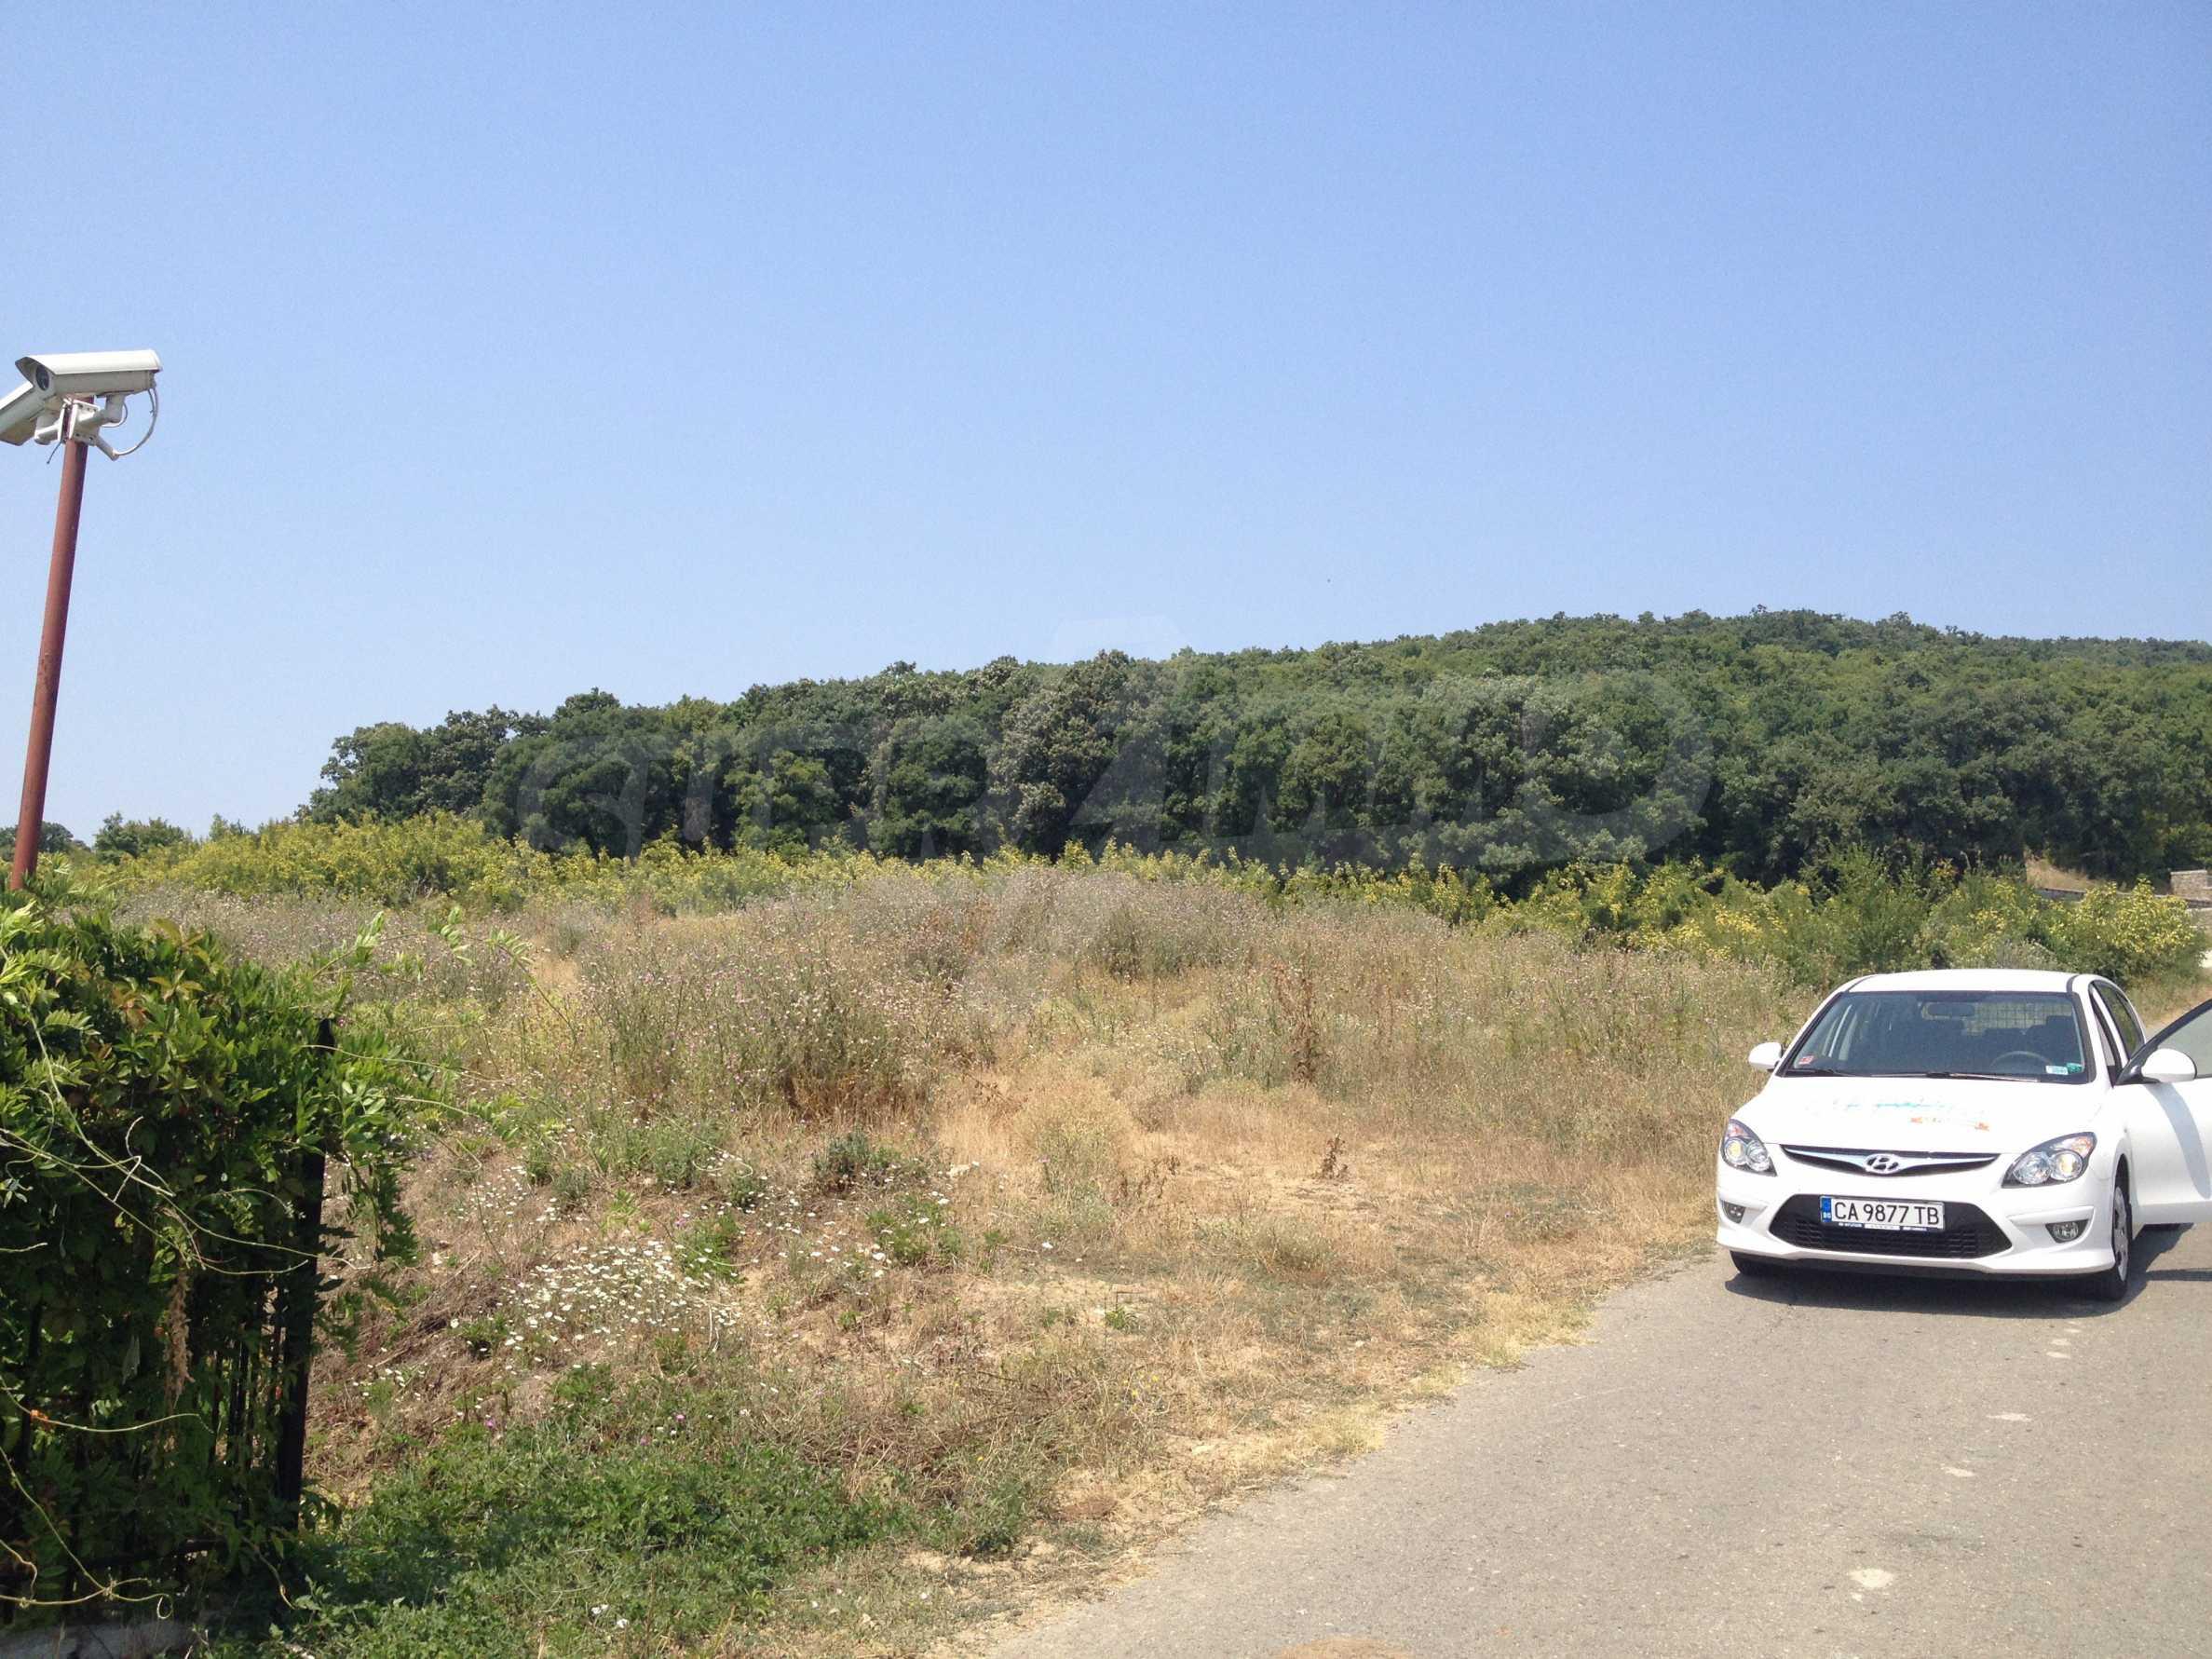 Land zum Verkauf in der Nähe von Sunny Beach 6